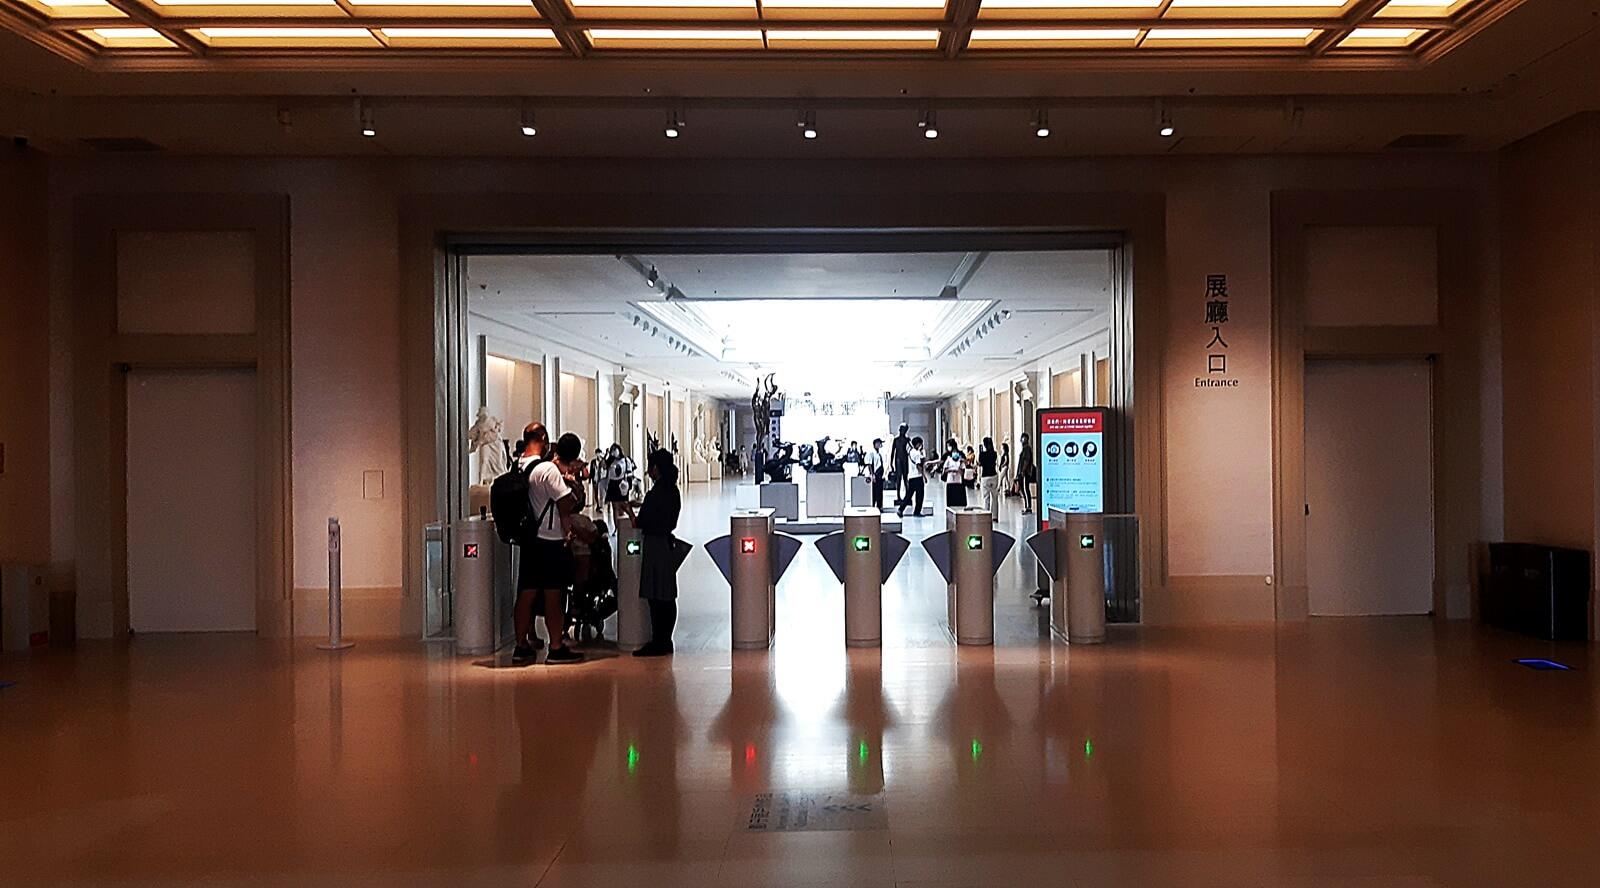 奇美博物館-台南-景點-推薦-奇美博物館交通-奇美博物館門票-美食-行程-奇美博物館自由行